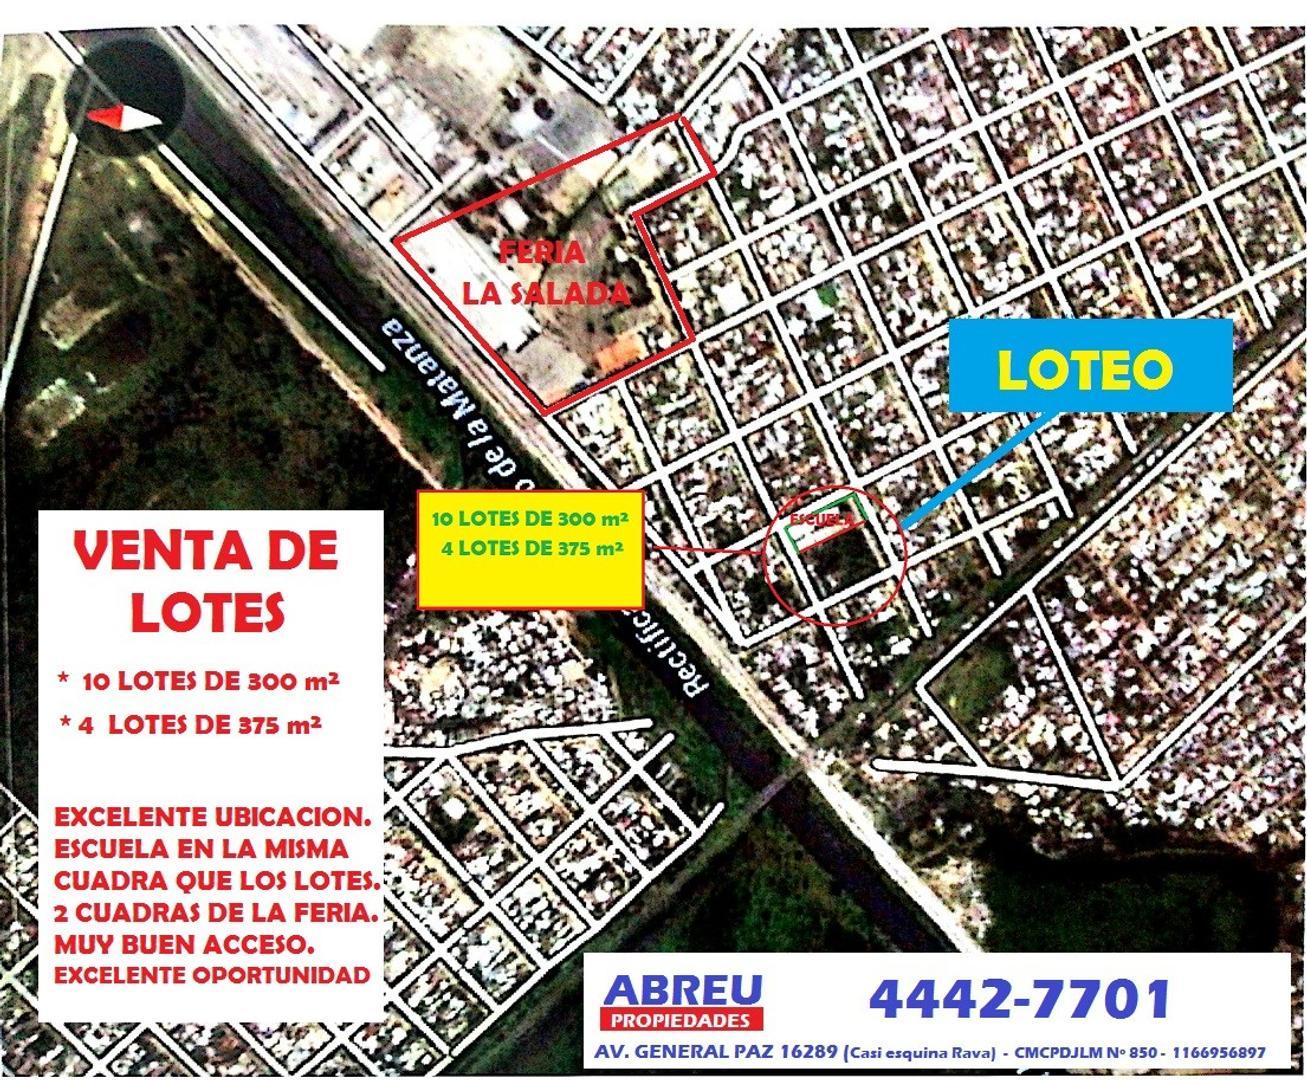 LOTES DE 300 Y 375 m² - 14 LOTES EN TOTAL - 2 CUADRAS DE LA FERIA DE LA SALADA